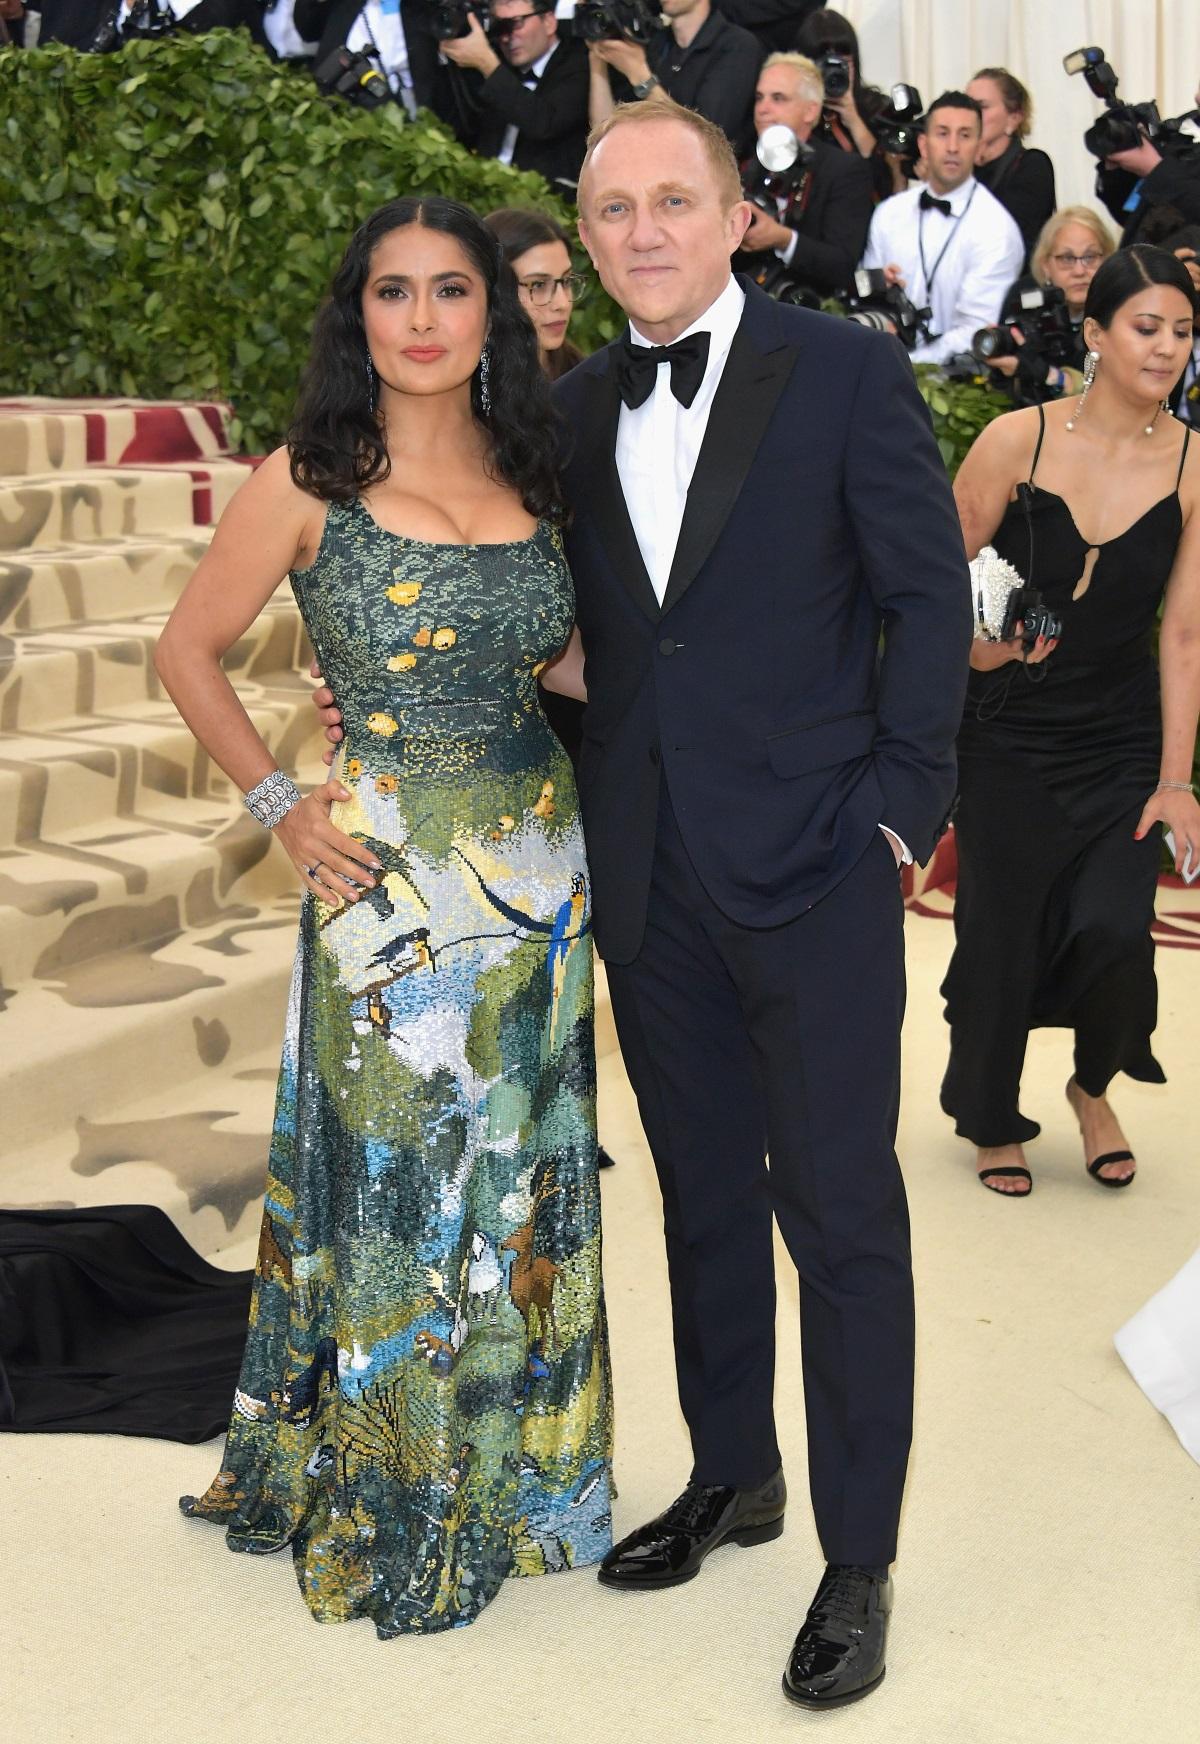 Салма Хайек със съпруга сиФрансоа-Анри Пино